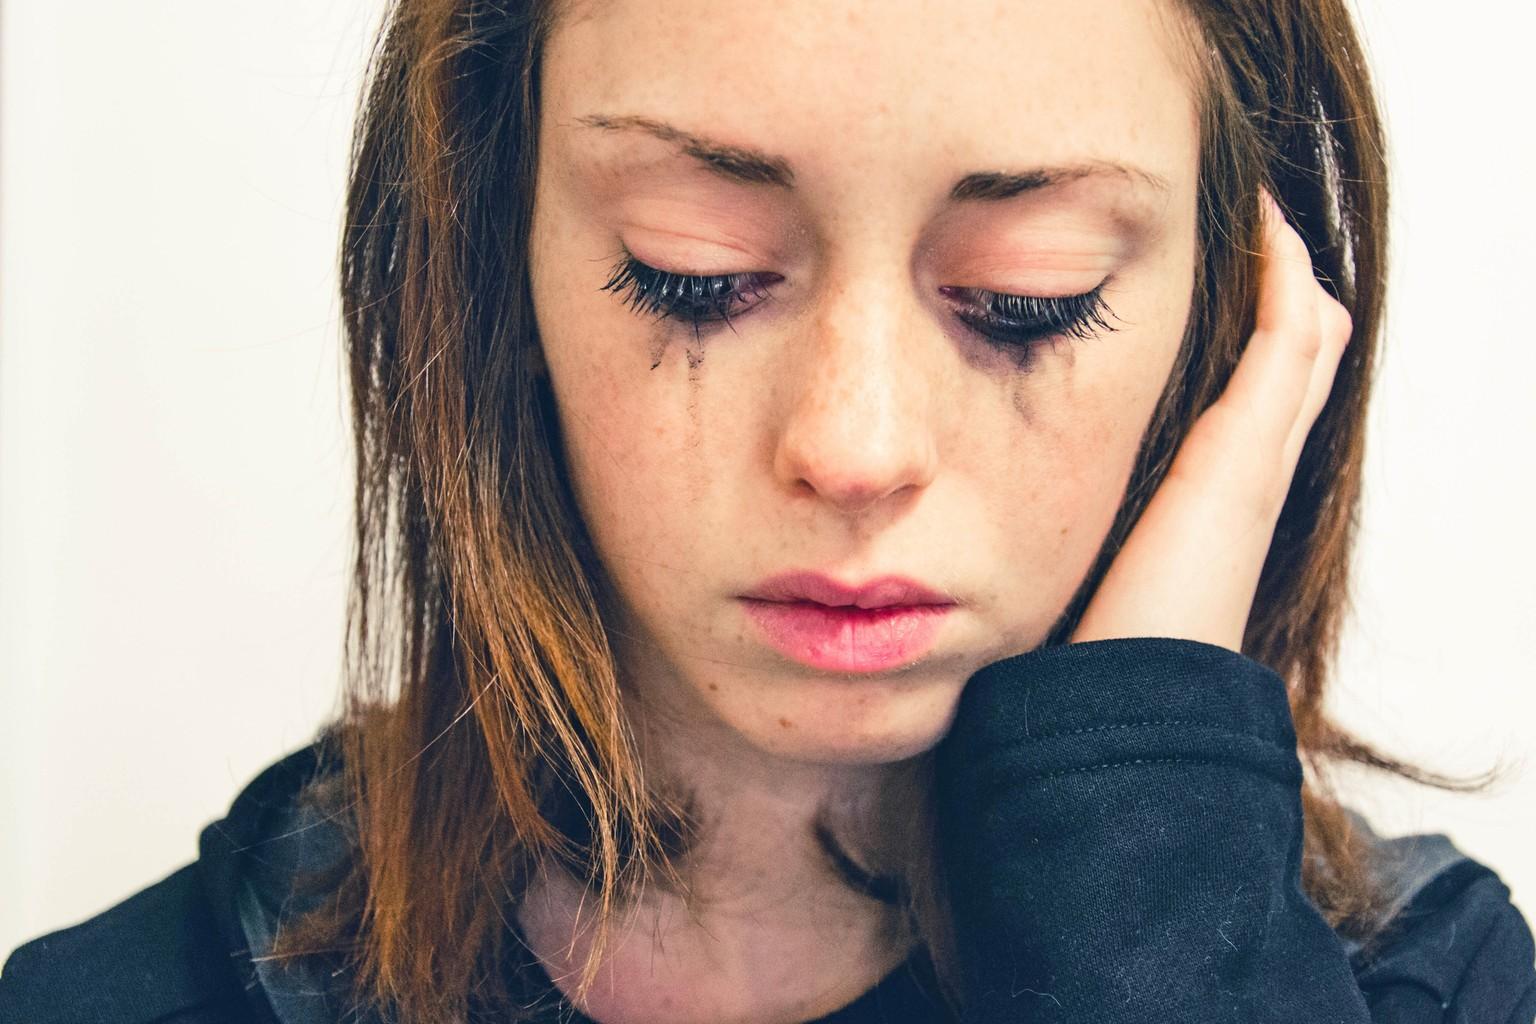 Muss immer weinen ohne grund